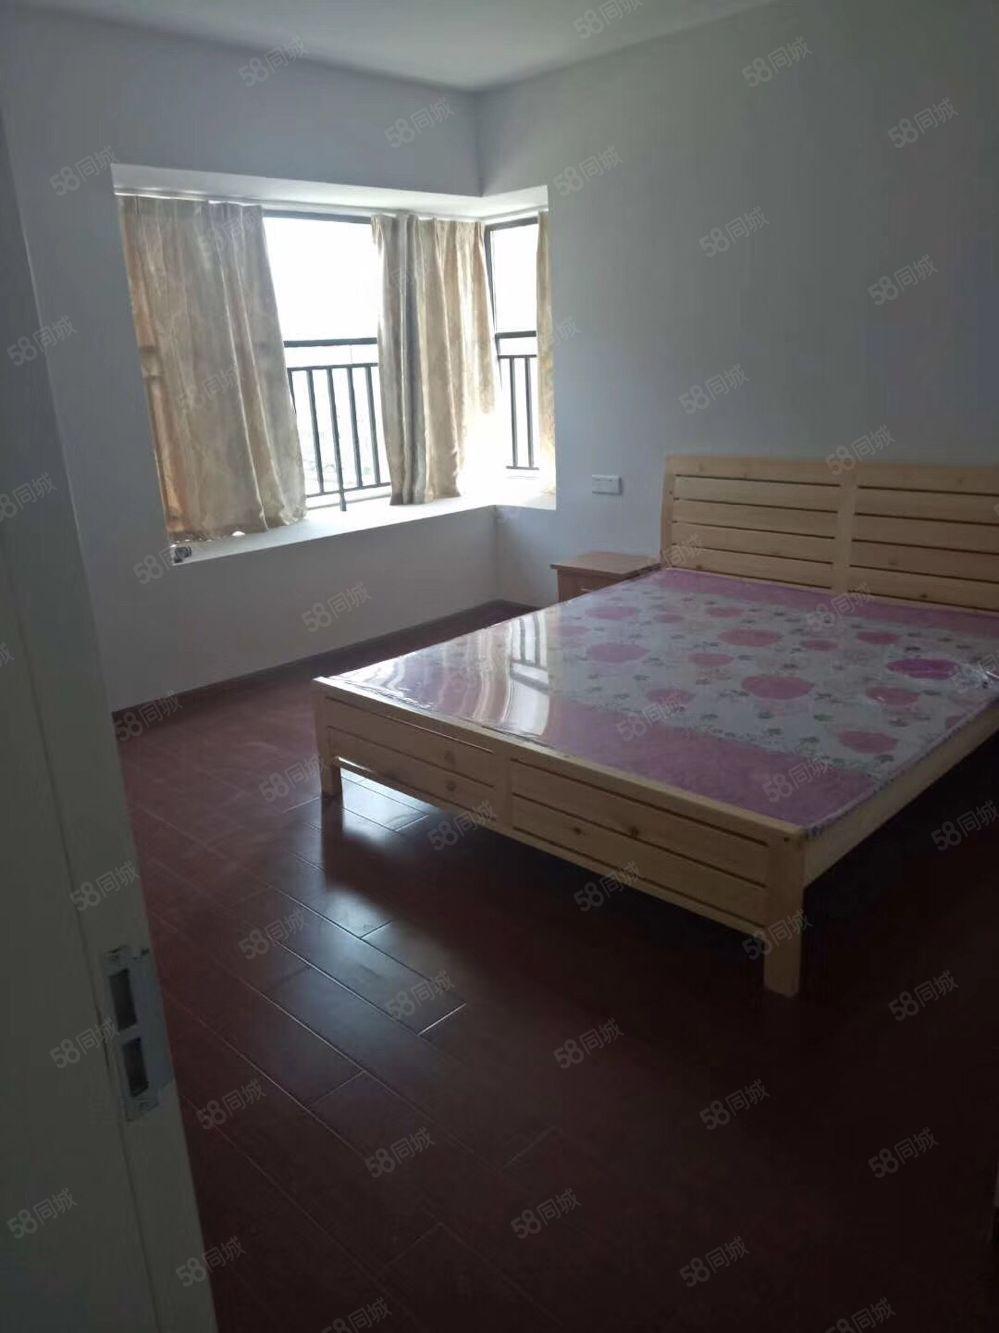 公望公寓新小區三室兩衛套房出租